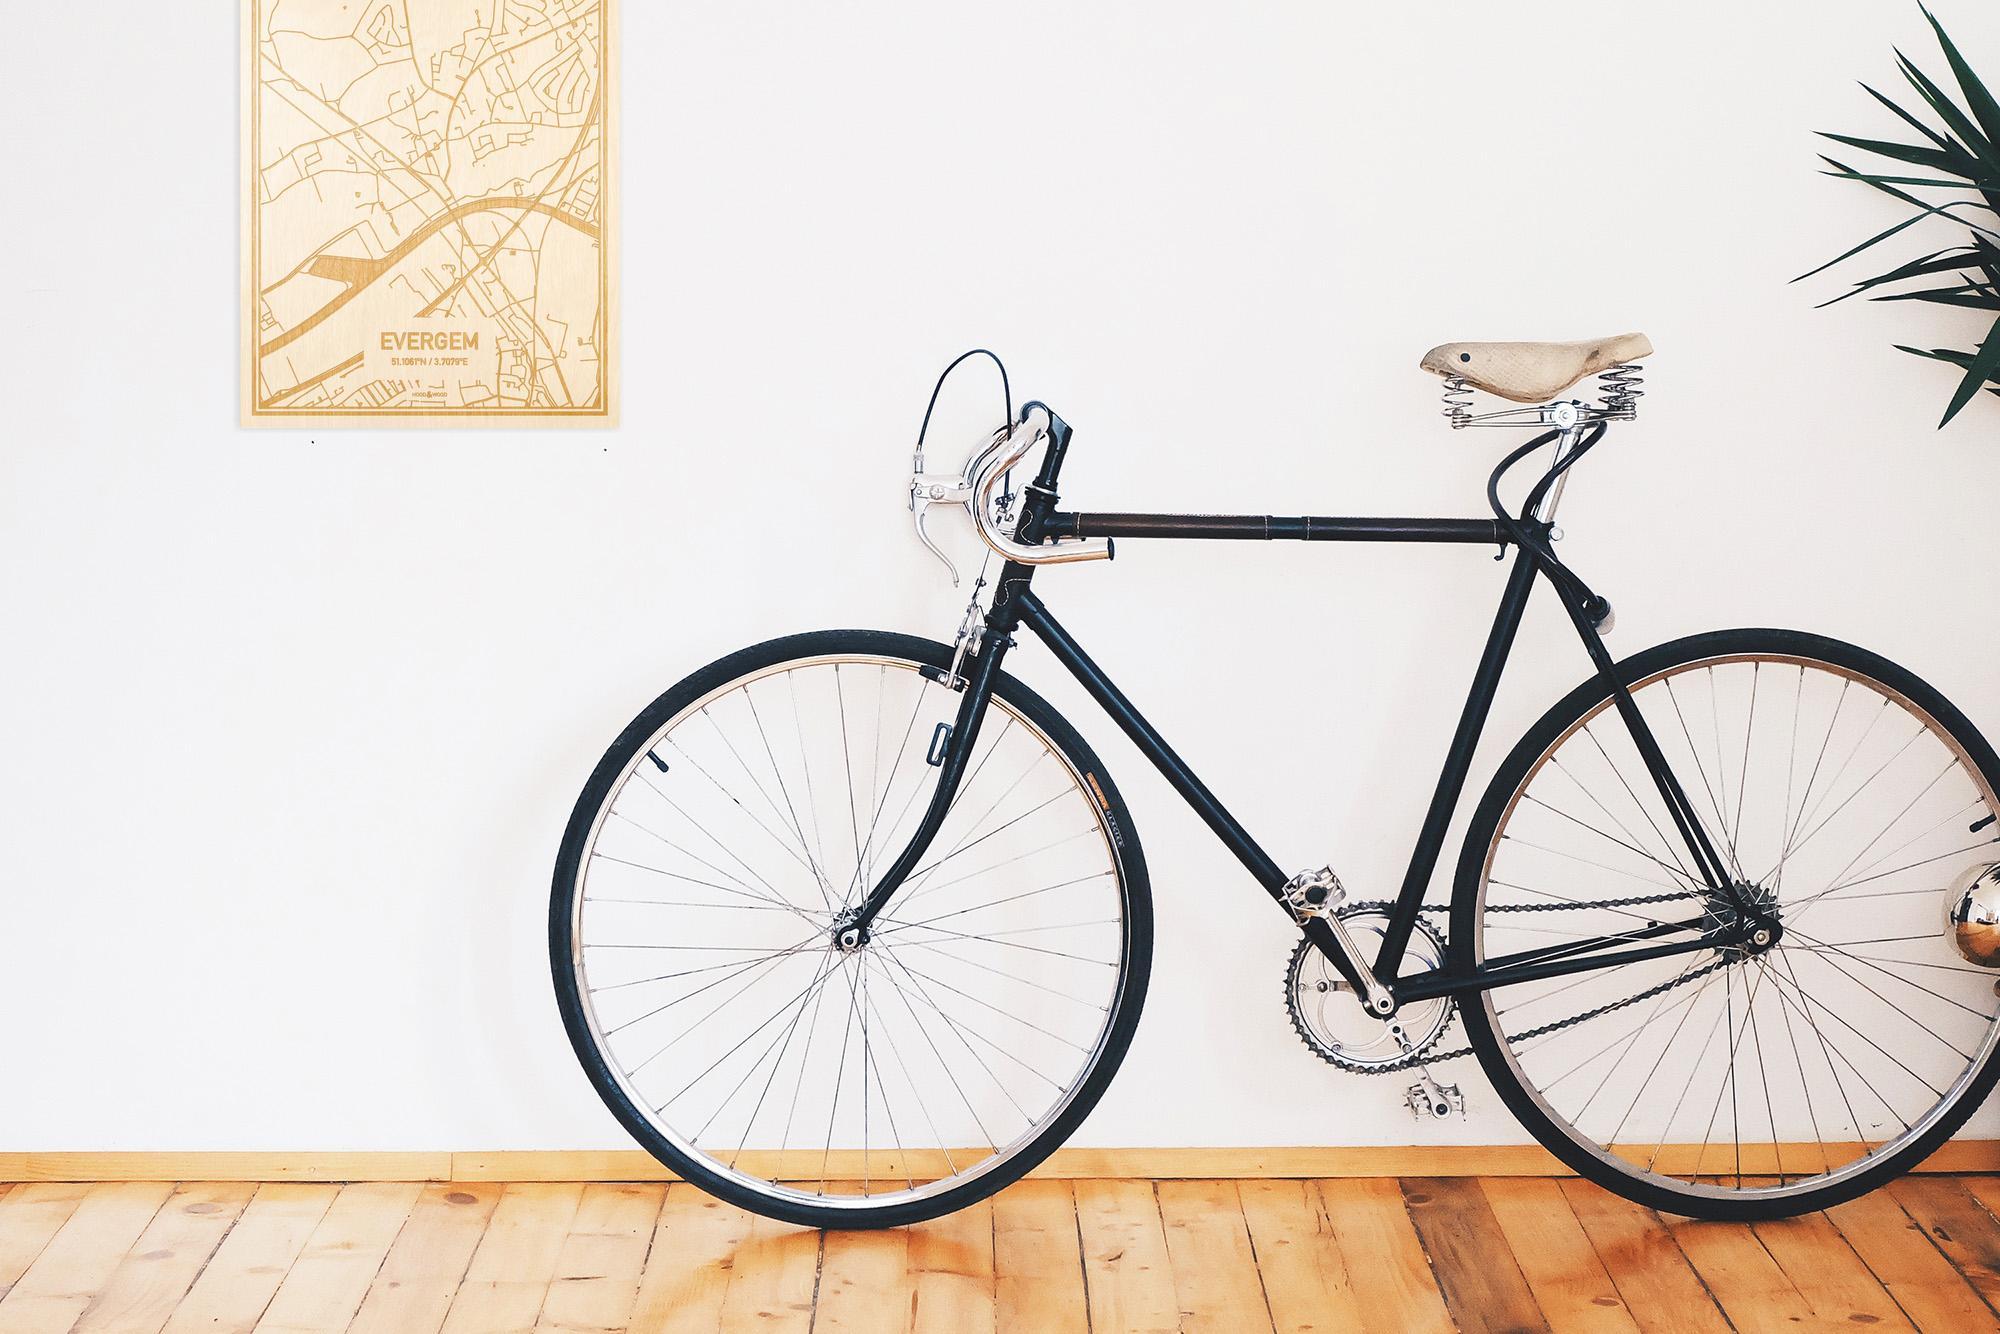 Een snelle fiets in een uniek interieur in Oost-Vlaanderen  met mooie decoratie zoals de plattegrond Evergem.